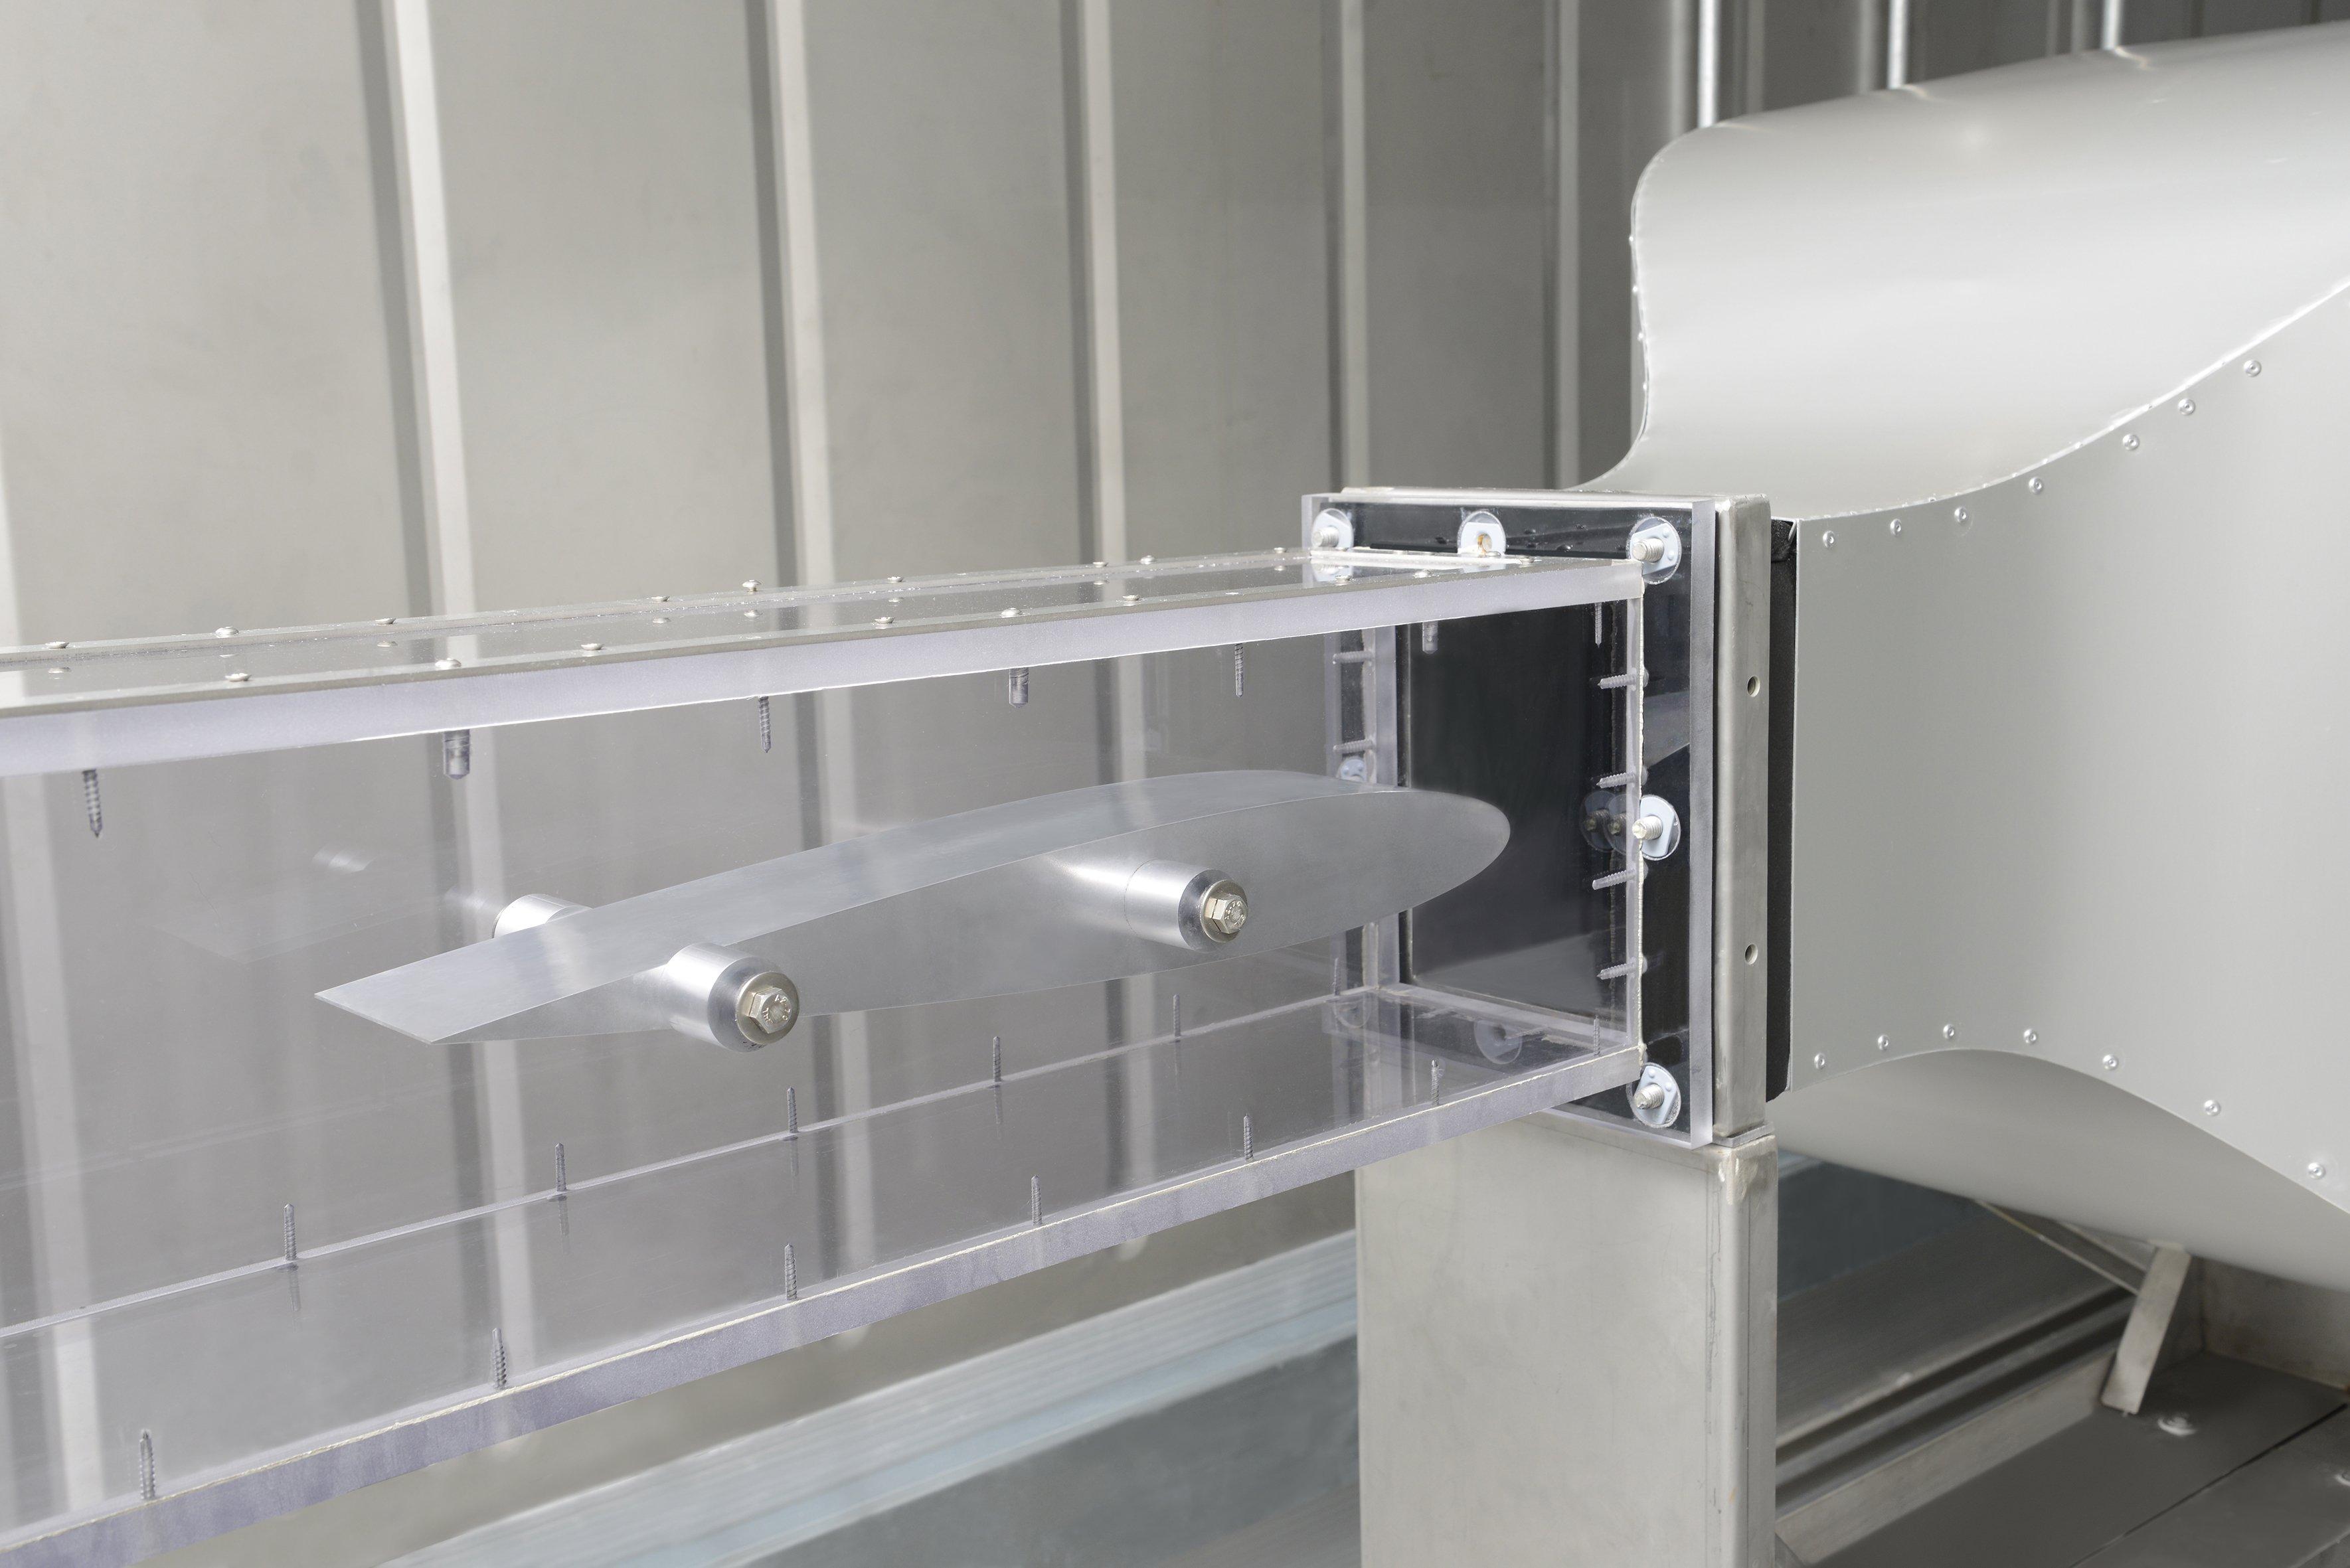 Testfeld mit integriertem Flügelprofil: In Bremen gibt es nun imFraunhofer-Institut für Fertigungstechnik und Angewandte Materialforschungein90 Kubikmeter großes Eislabor mit integriertem Vereisungswindkanal.